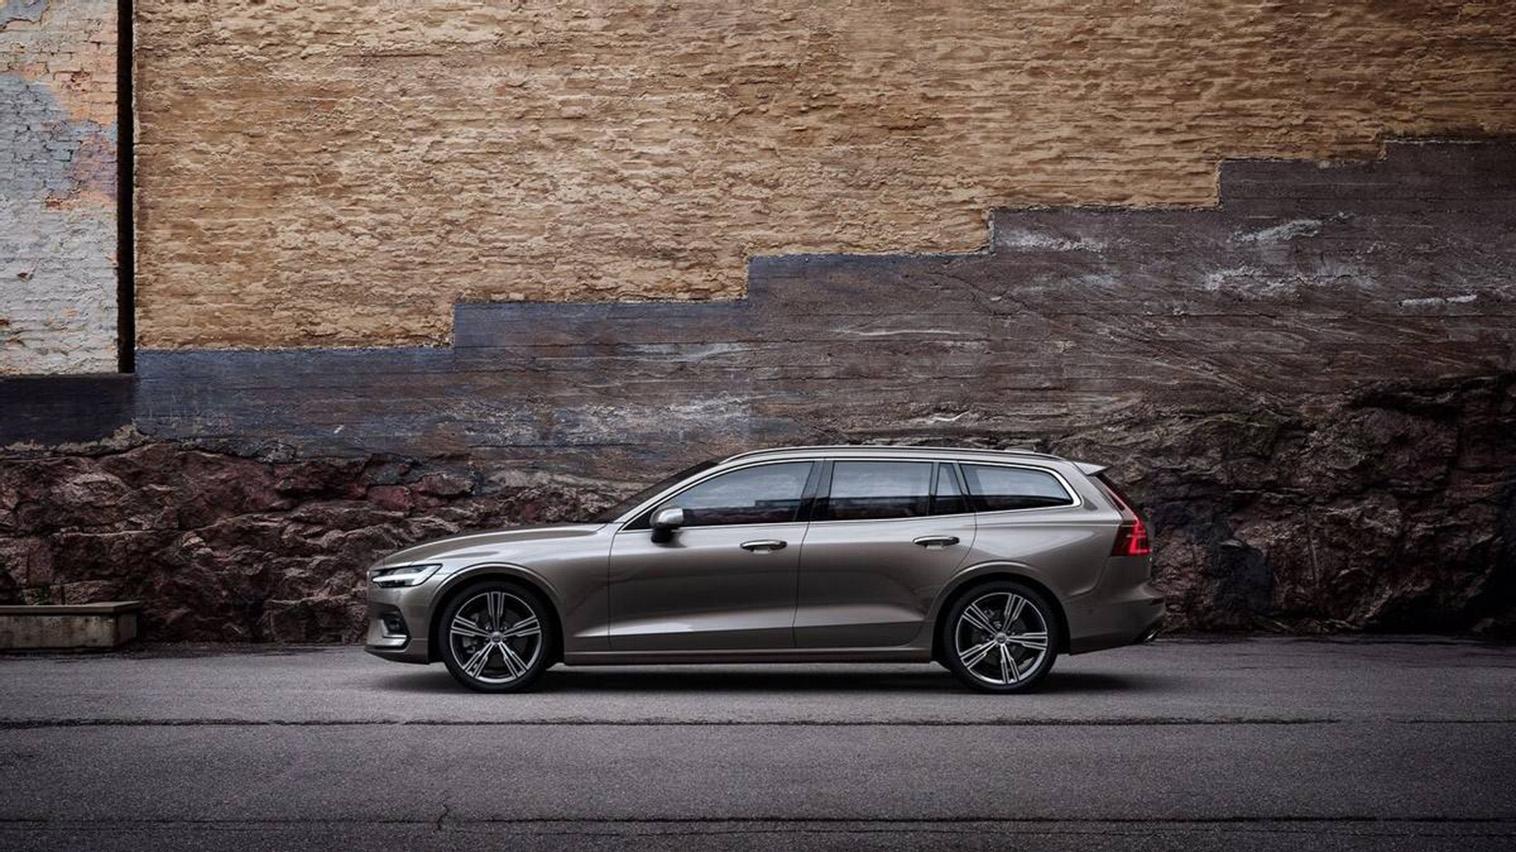 视频:新车快讯|新增2种金属车漆,2022款沃尔沃V60上市,30.43万起售